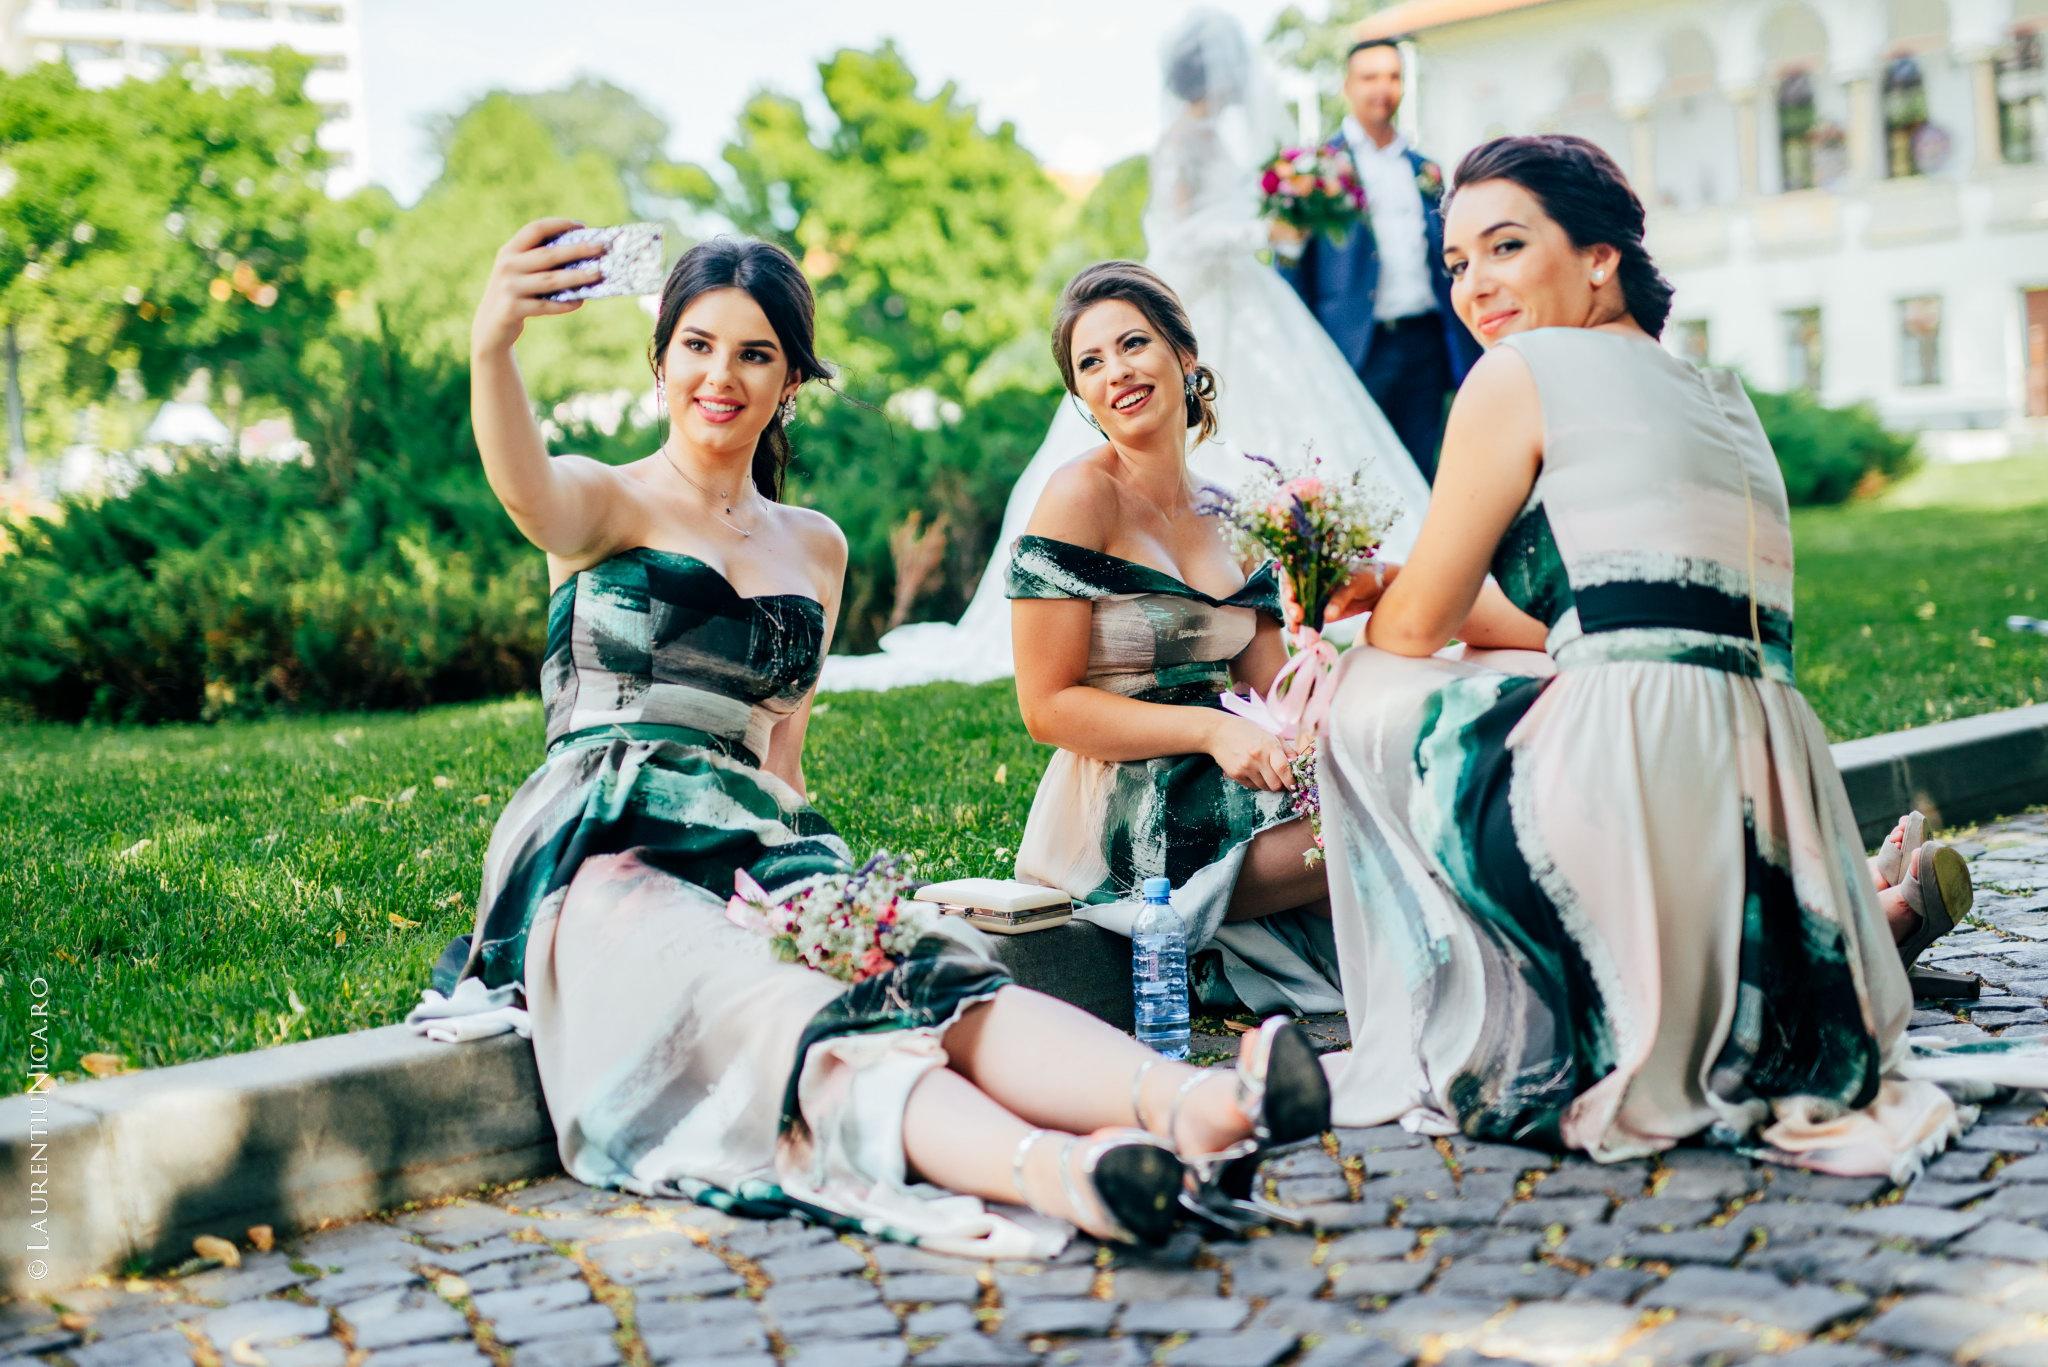 fotografii nunta denisa si florin craiova 22 - Denisa & Florin | Fotografii nunta | Craiova